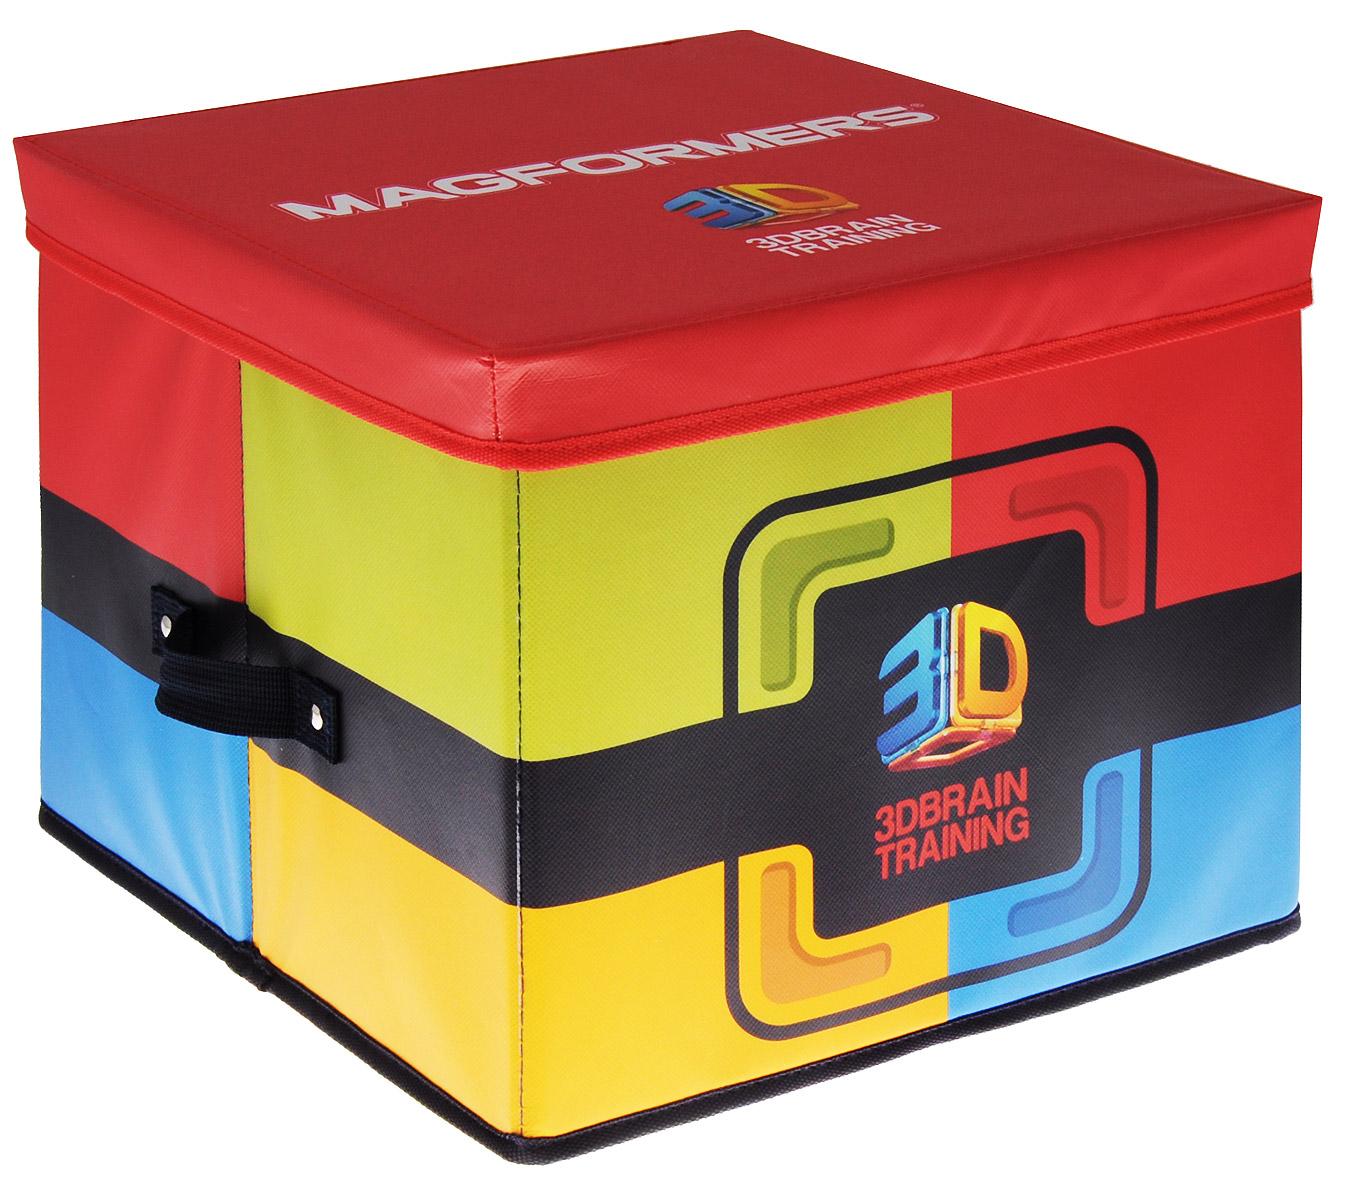 Magformers Коробка для хранения конструктора531-402Вы не знаете, где хранить ваш любимый конструктор? Коробка для хранения конструктора Magformers - отличное решение!Коробка имеет два отсека для хранения различных деталей конструктора и карман для книги идей, тематических карт или фотографий ваших построек. Корпус так прочен, что может послужить даже детским стульчиком.Коробка позволит сохранить конструктор и не потерять элементы, а также защитить их от пыли, грязи и влаги.Удобно складывается, что делает его очень компактным при хранении.